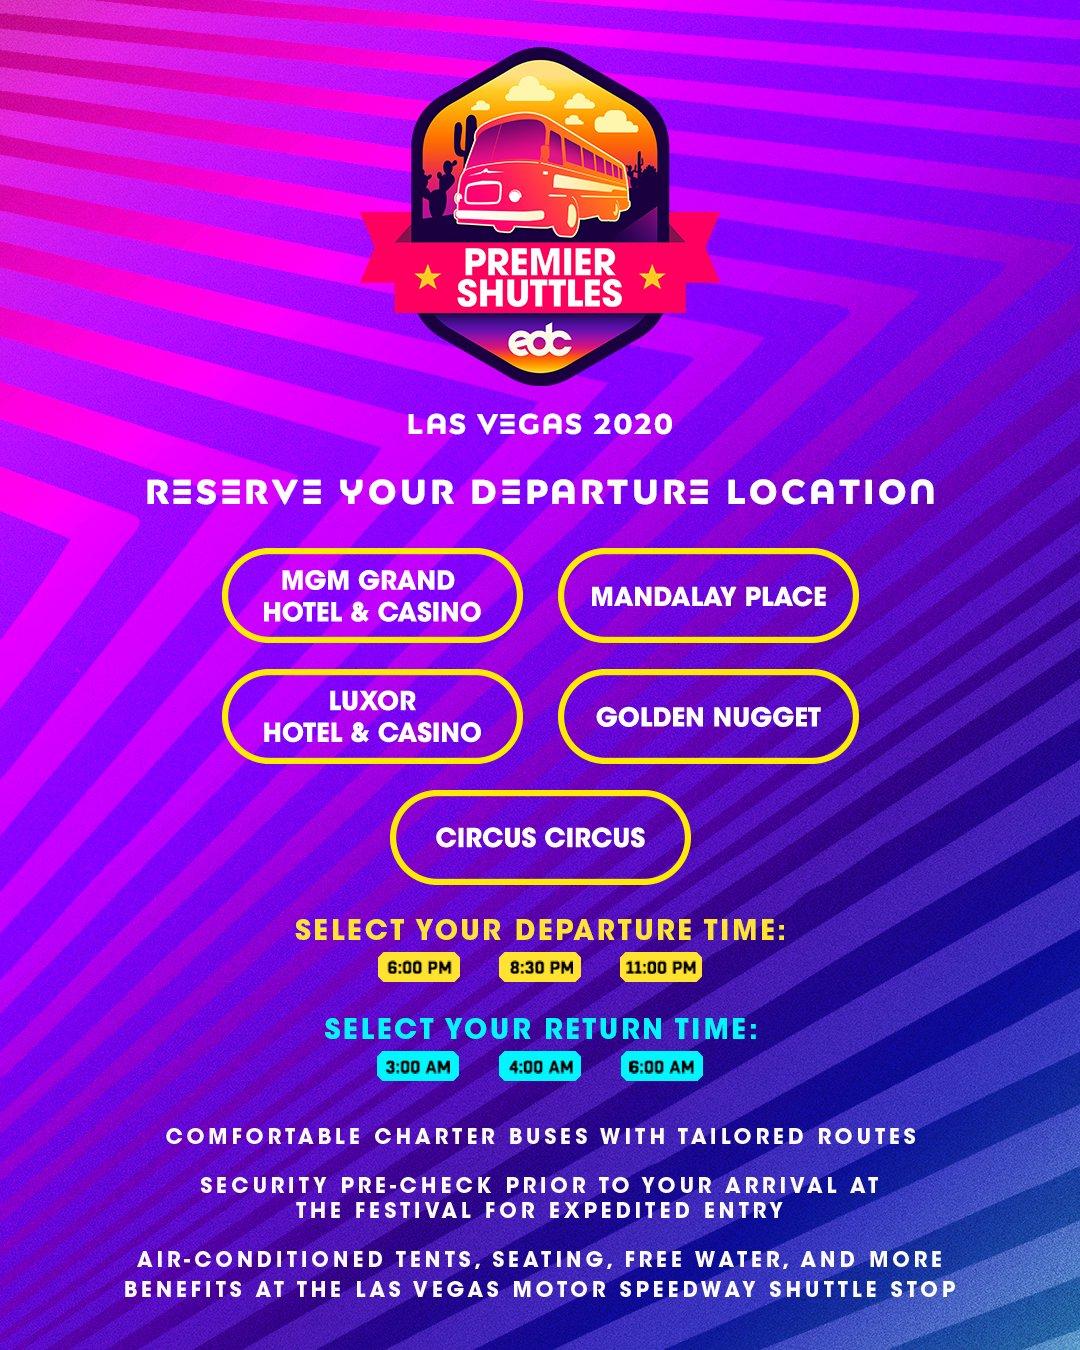 EDC Las Vegas 2020 Premier Shuttle Schedule